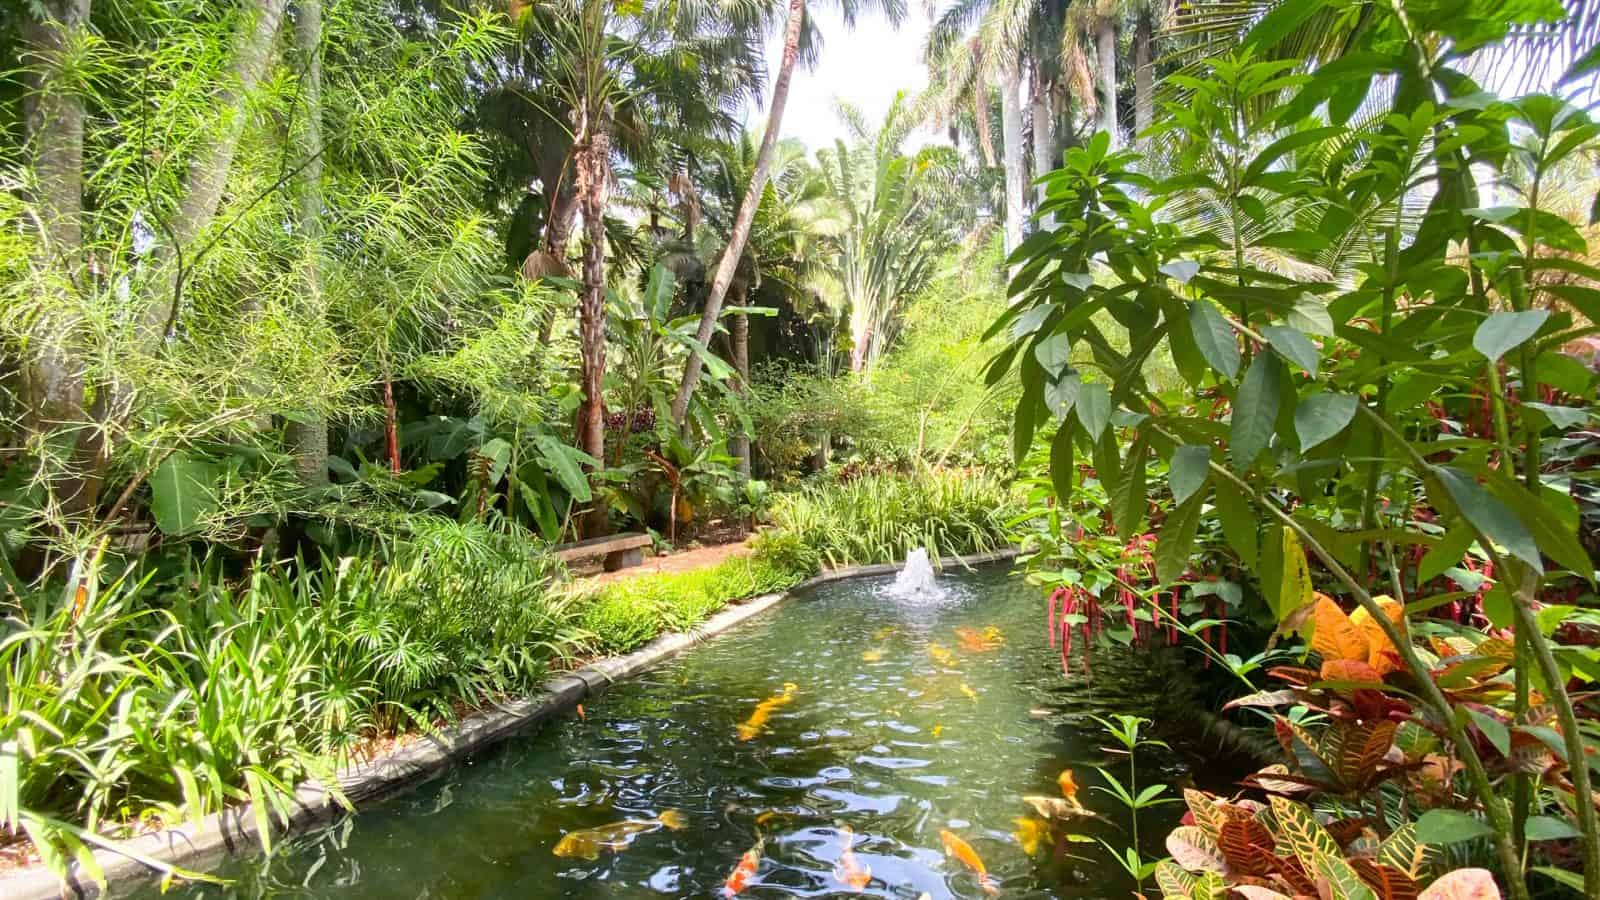 koi poind in saint petersburg sunken gardens